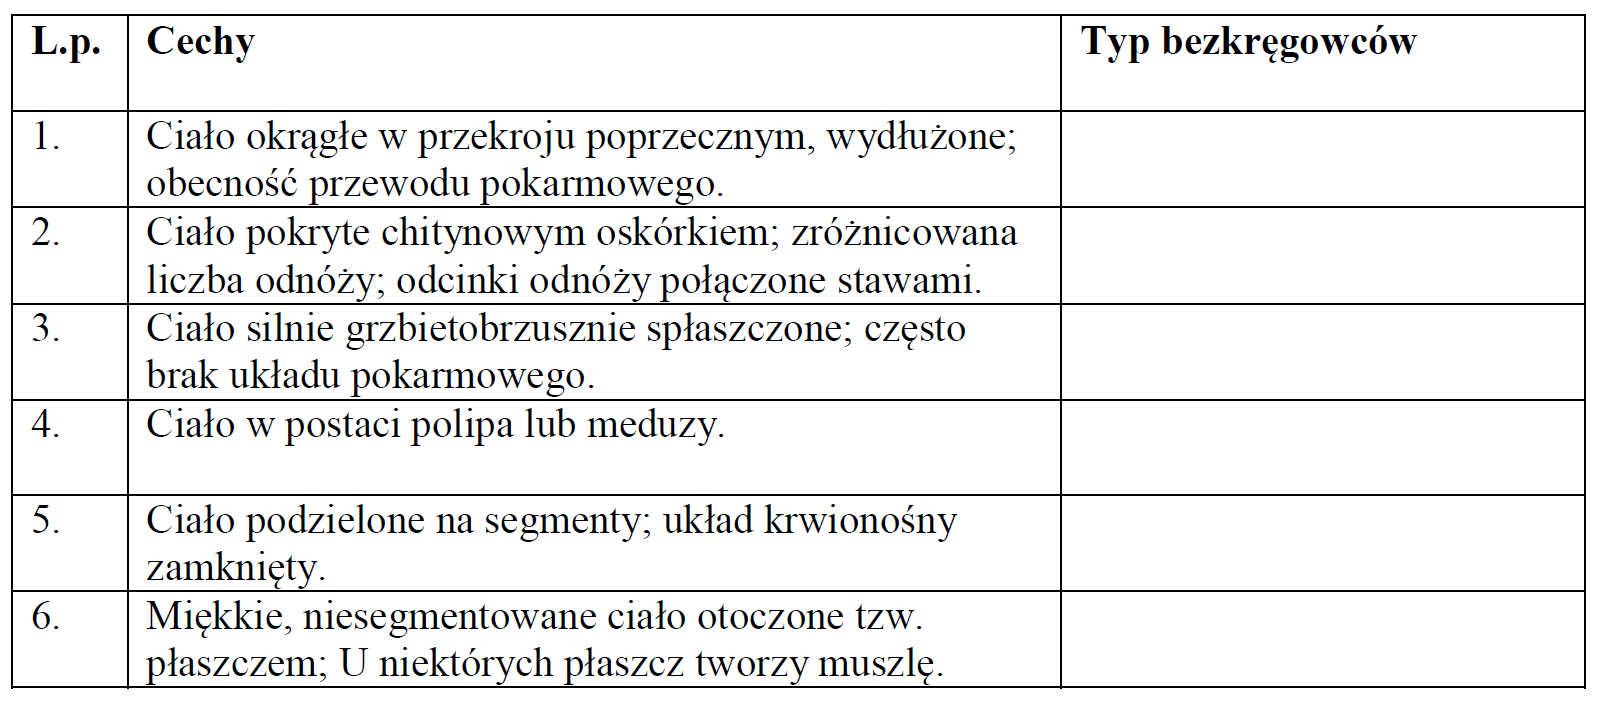 Podaj nazwę każdego z opisanych krótko typów bezkręgowców.